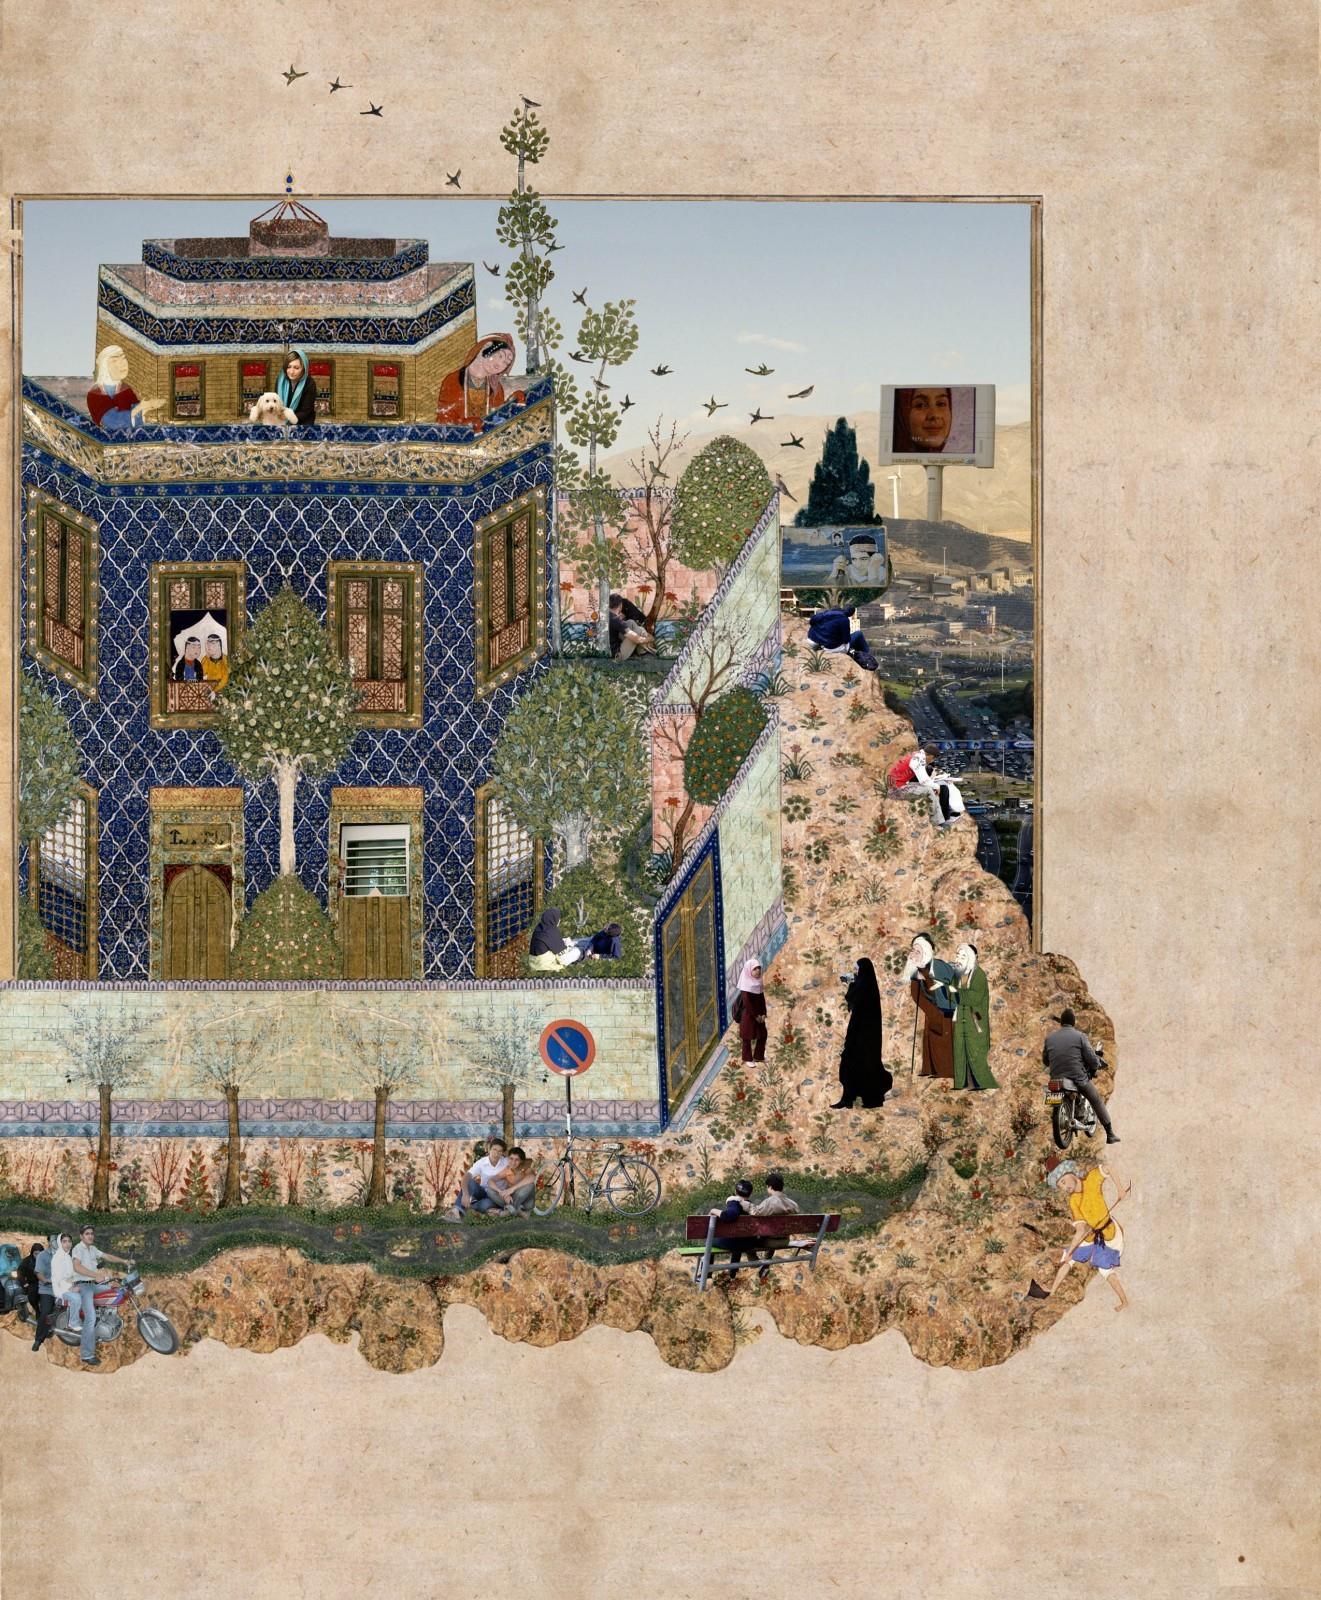 Barbad caché dans un cyprès joue pour le roi - Iran, Tabriz, vers 1535 Nasser D. Khalili Collection of Islamic Art© Nour Foundation Courtesy of the Khalili Family Trust